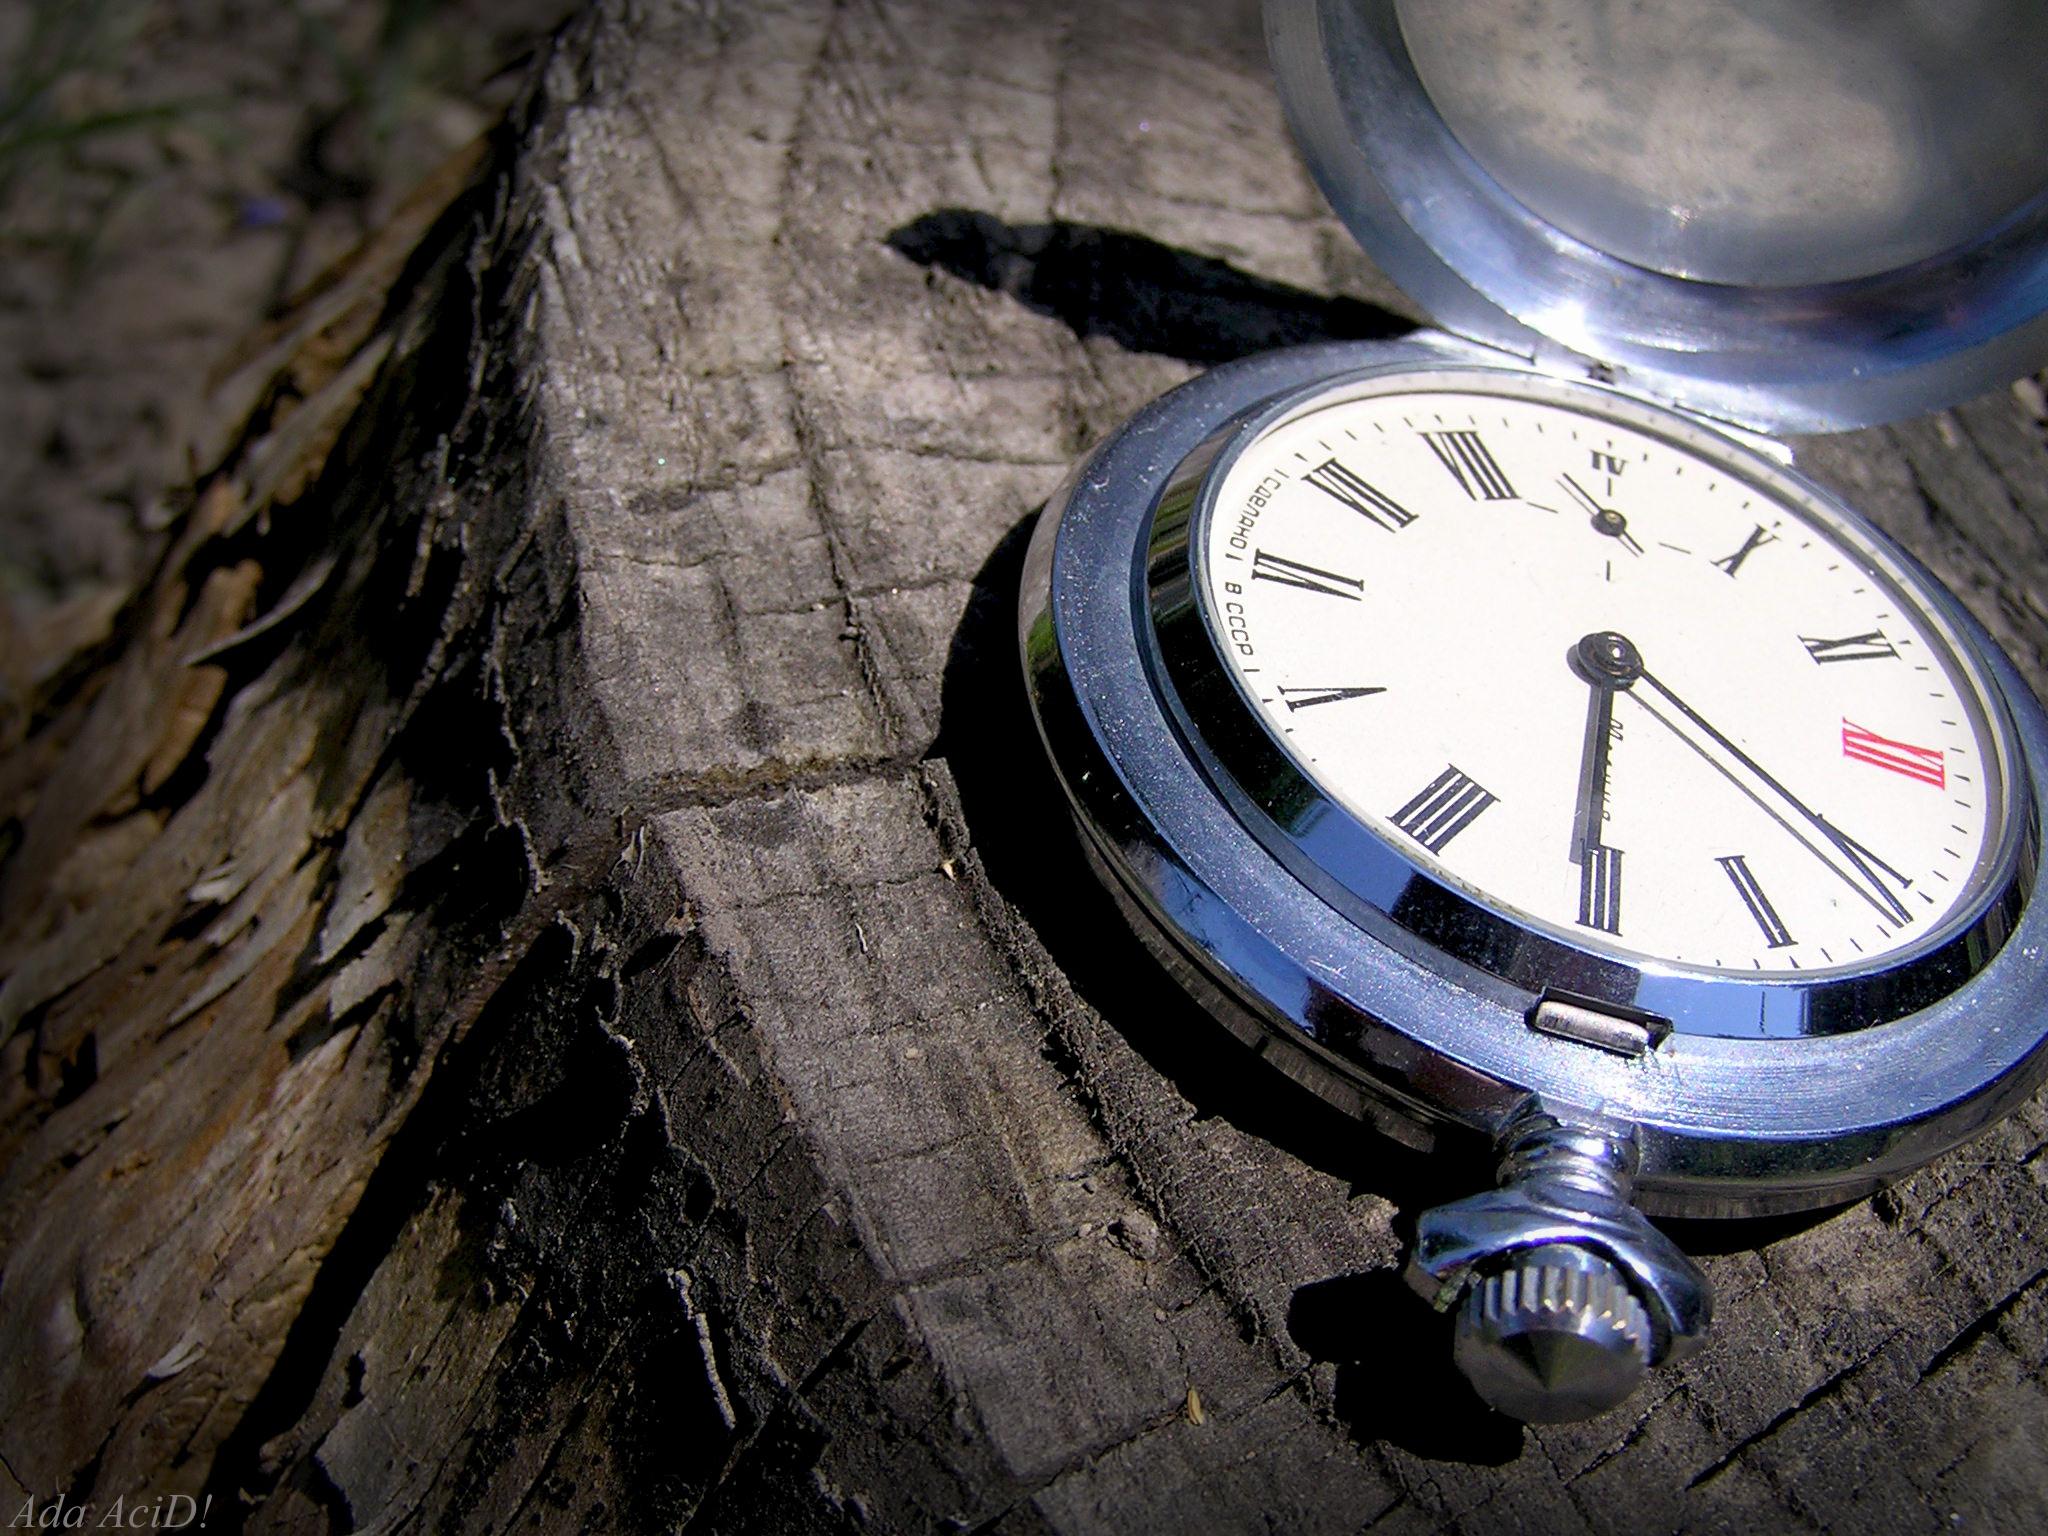 обои бесплатно скачать на рабочий стол часы в воде № 188097 бесплатно